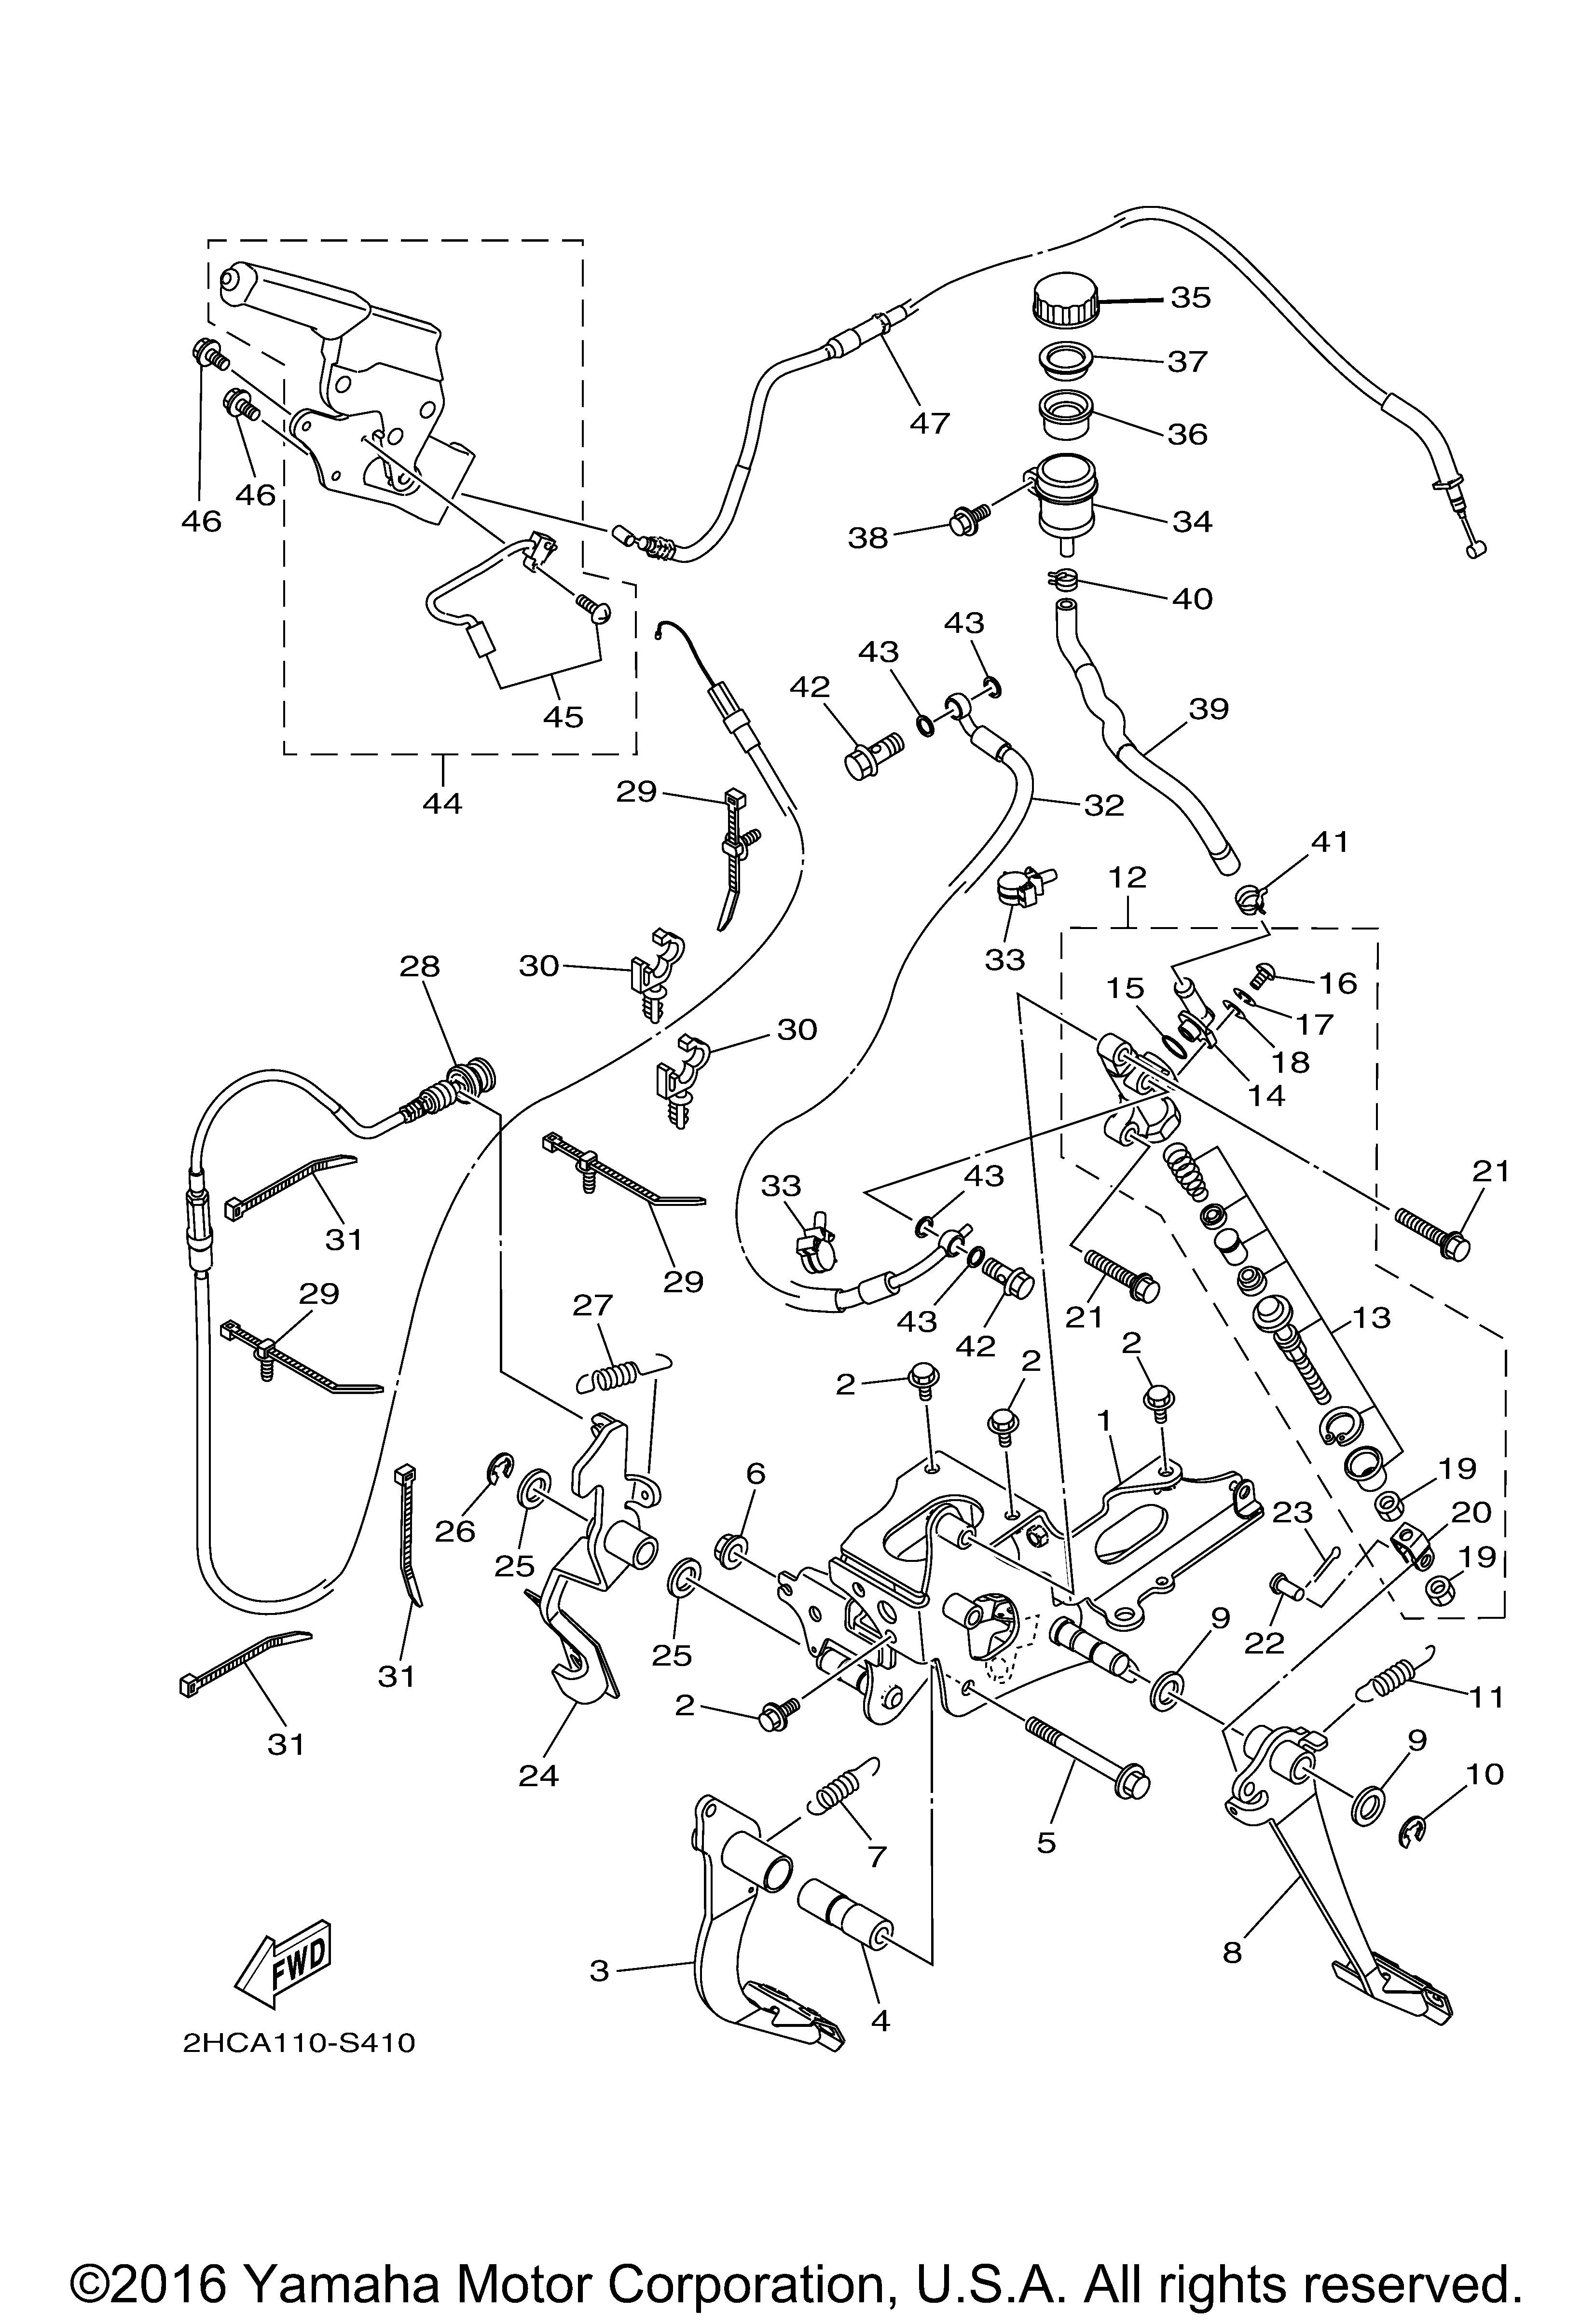 Taotao 49 Cc Wiring Diagram Com